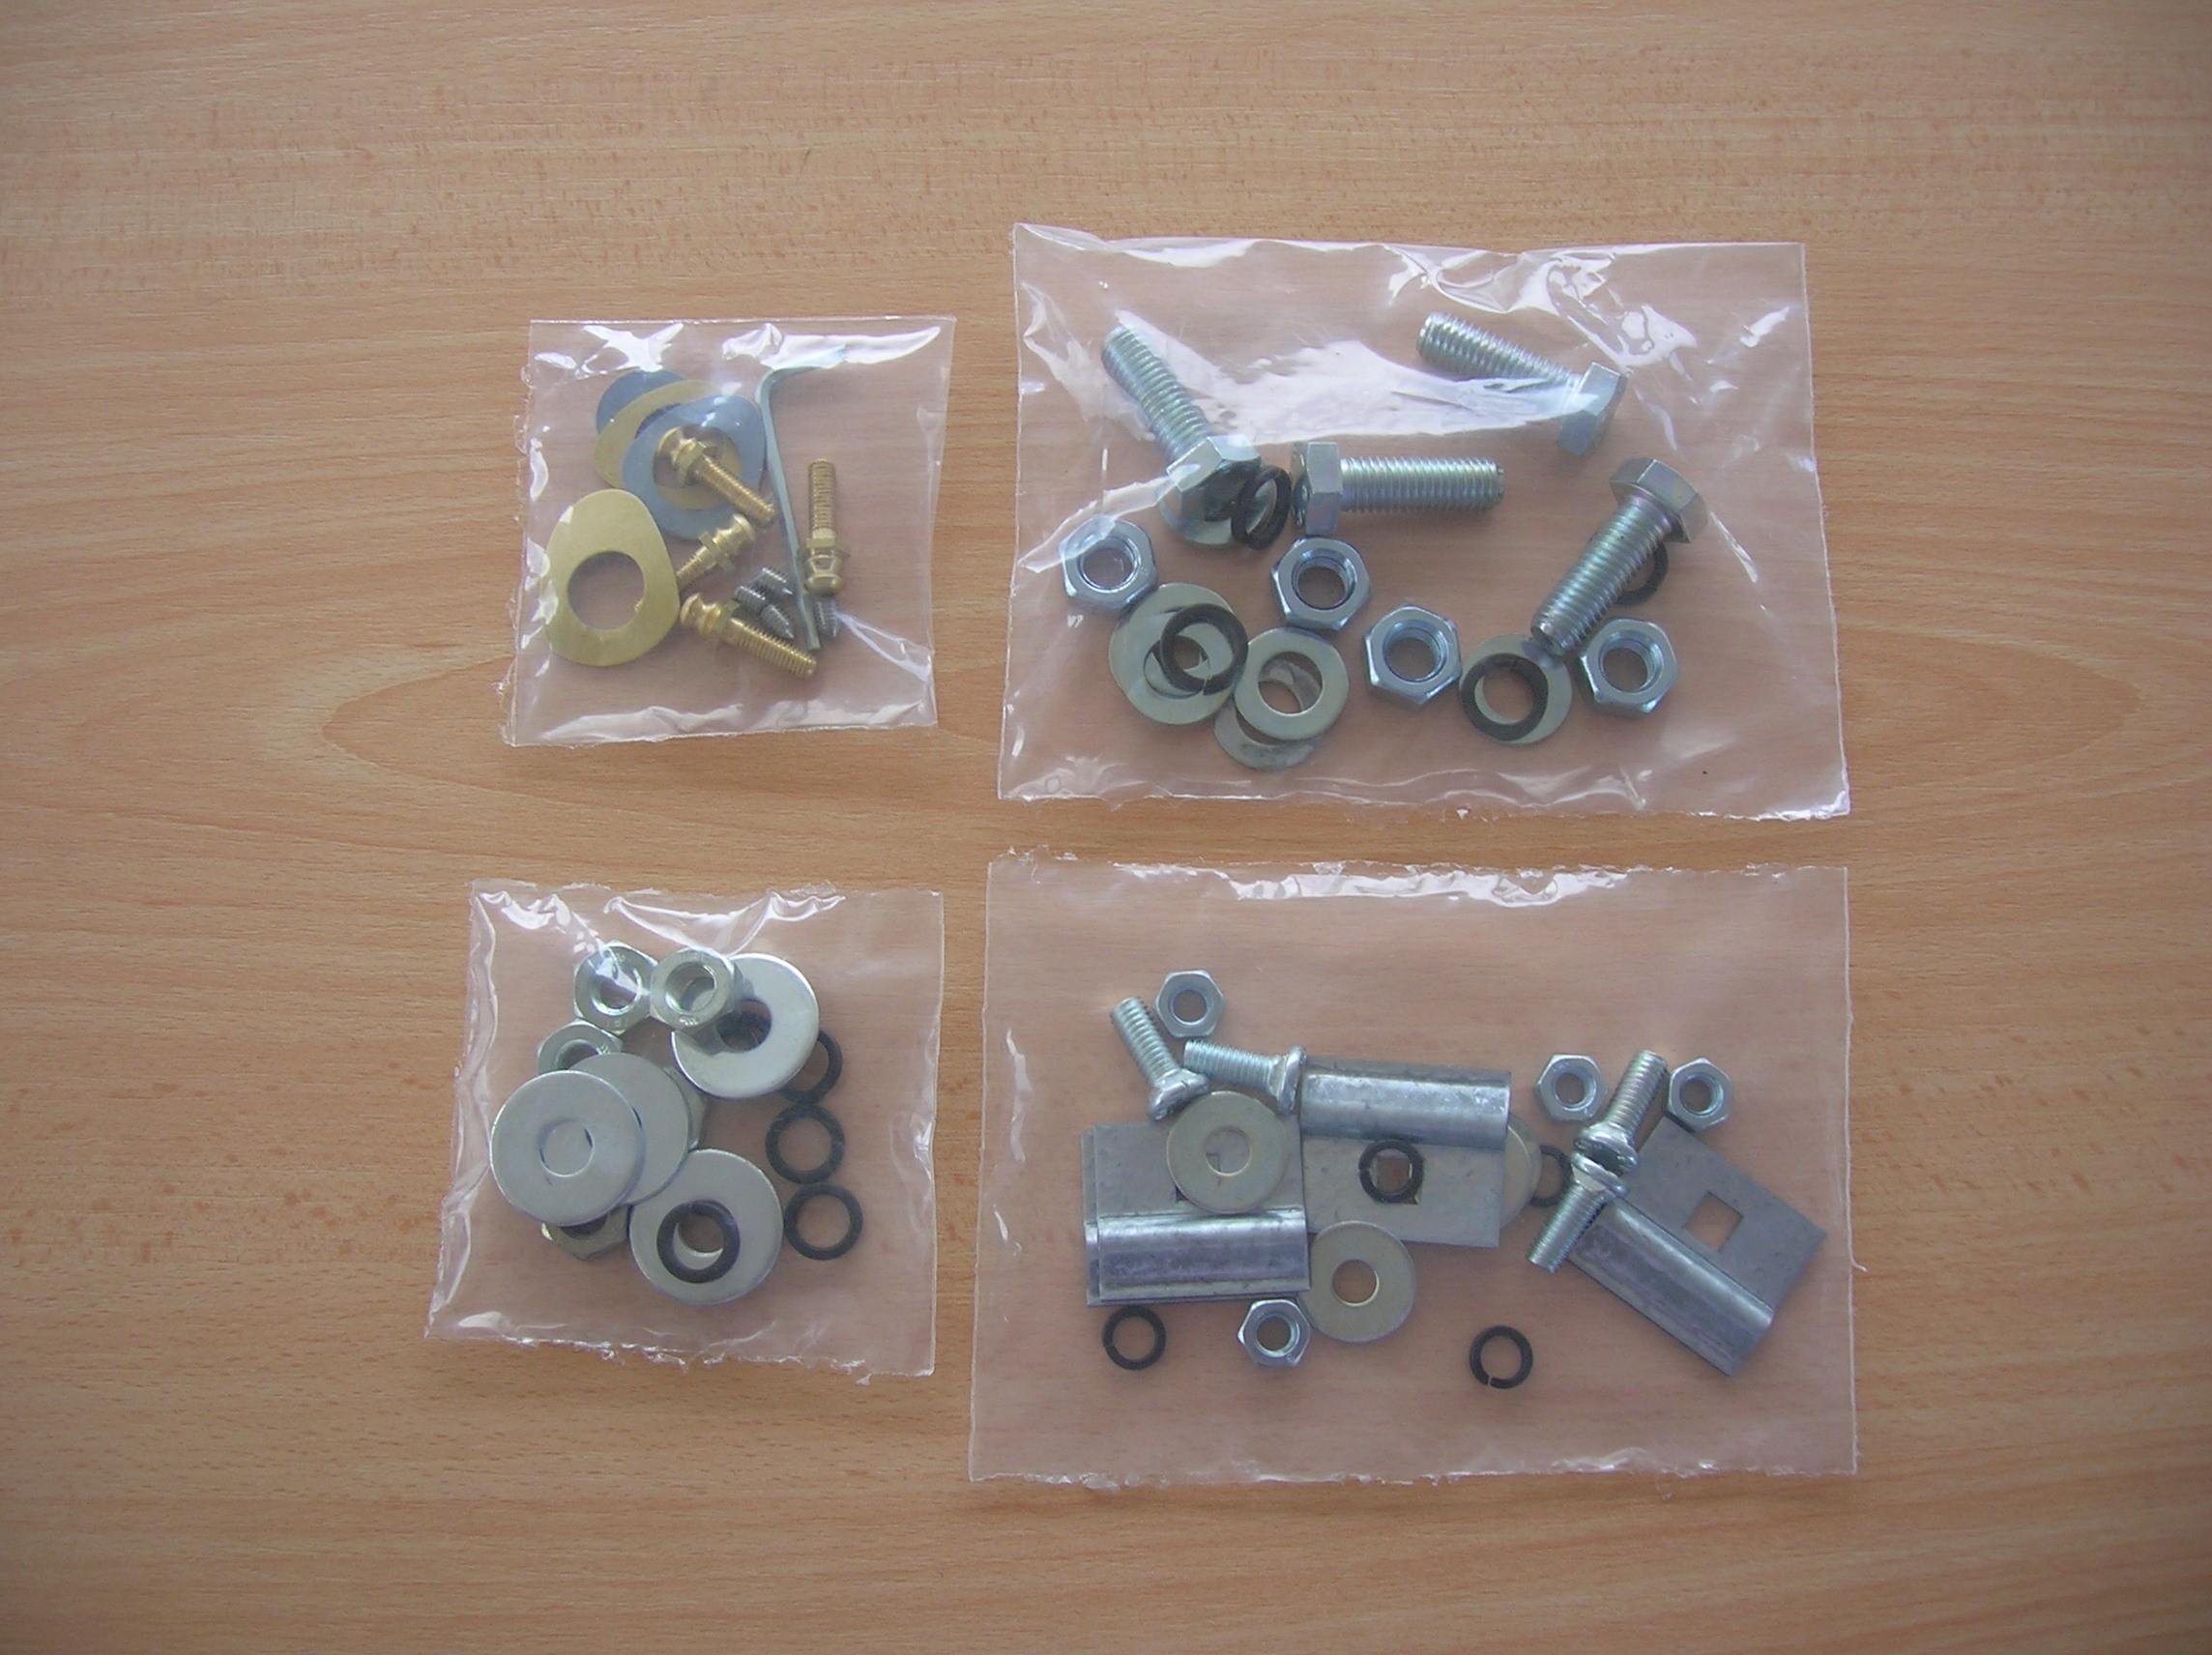 productos kits